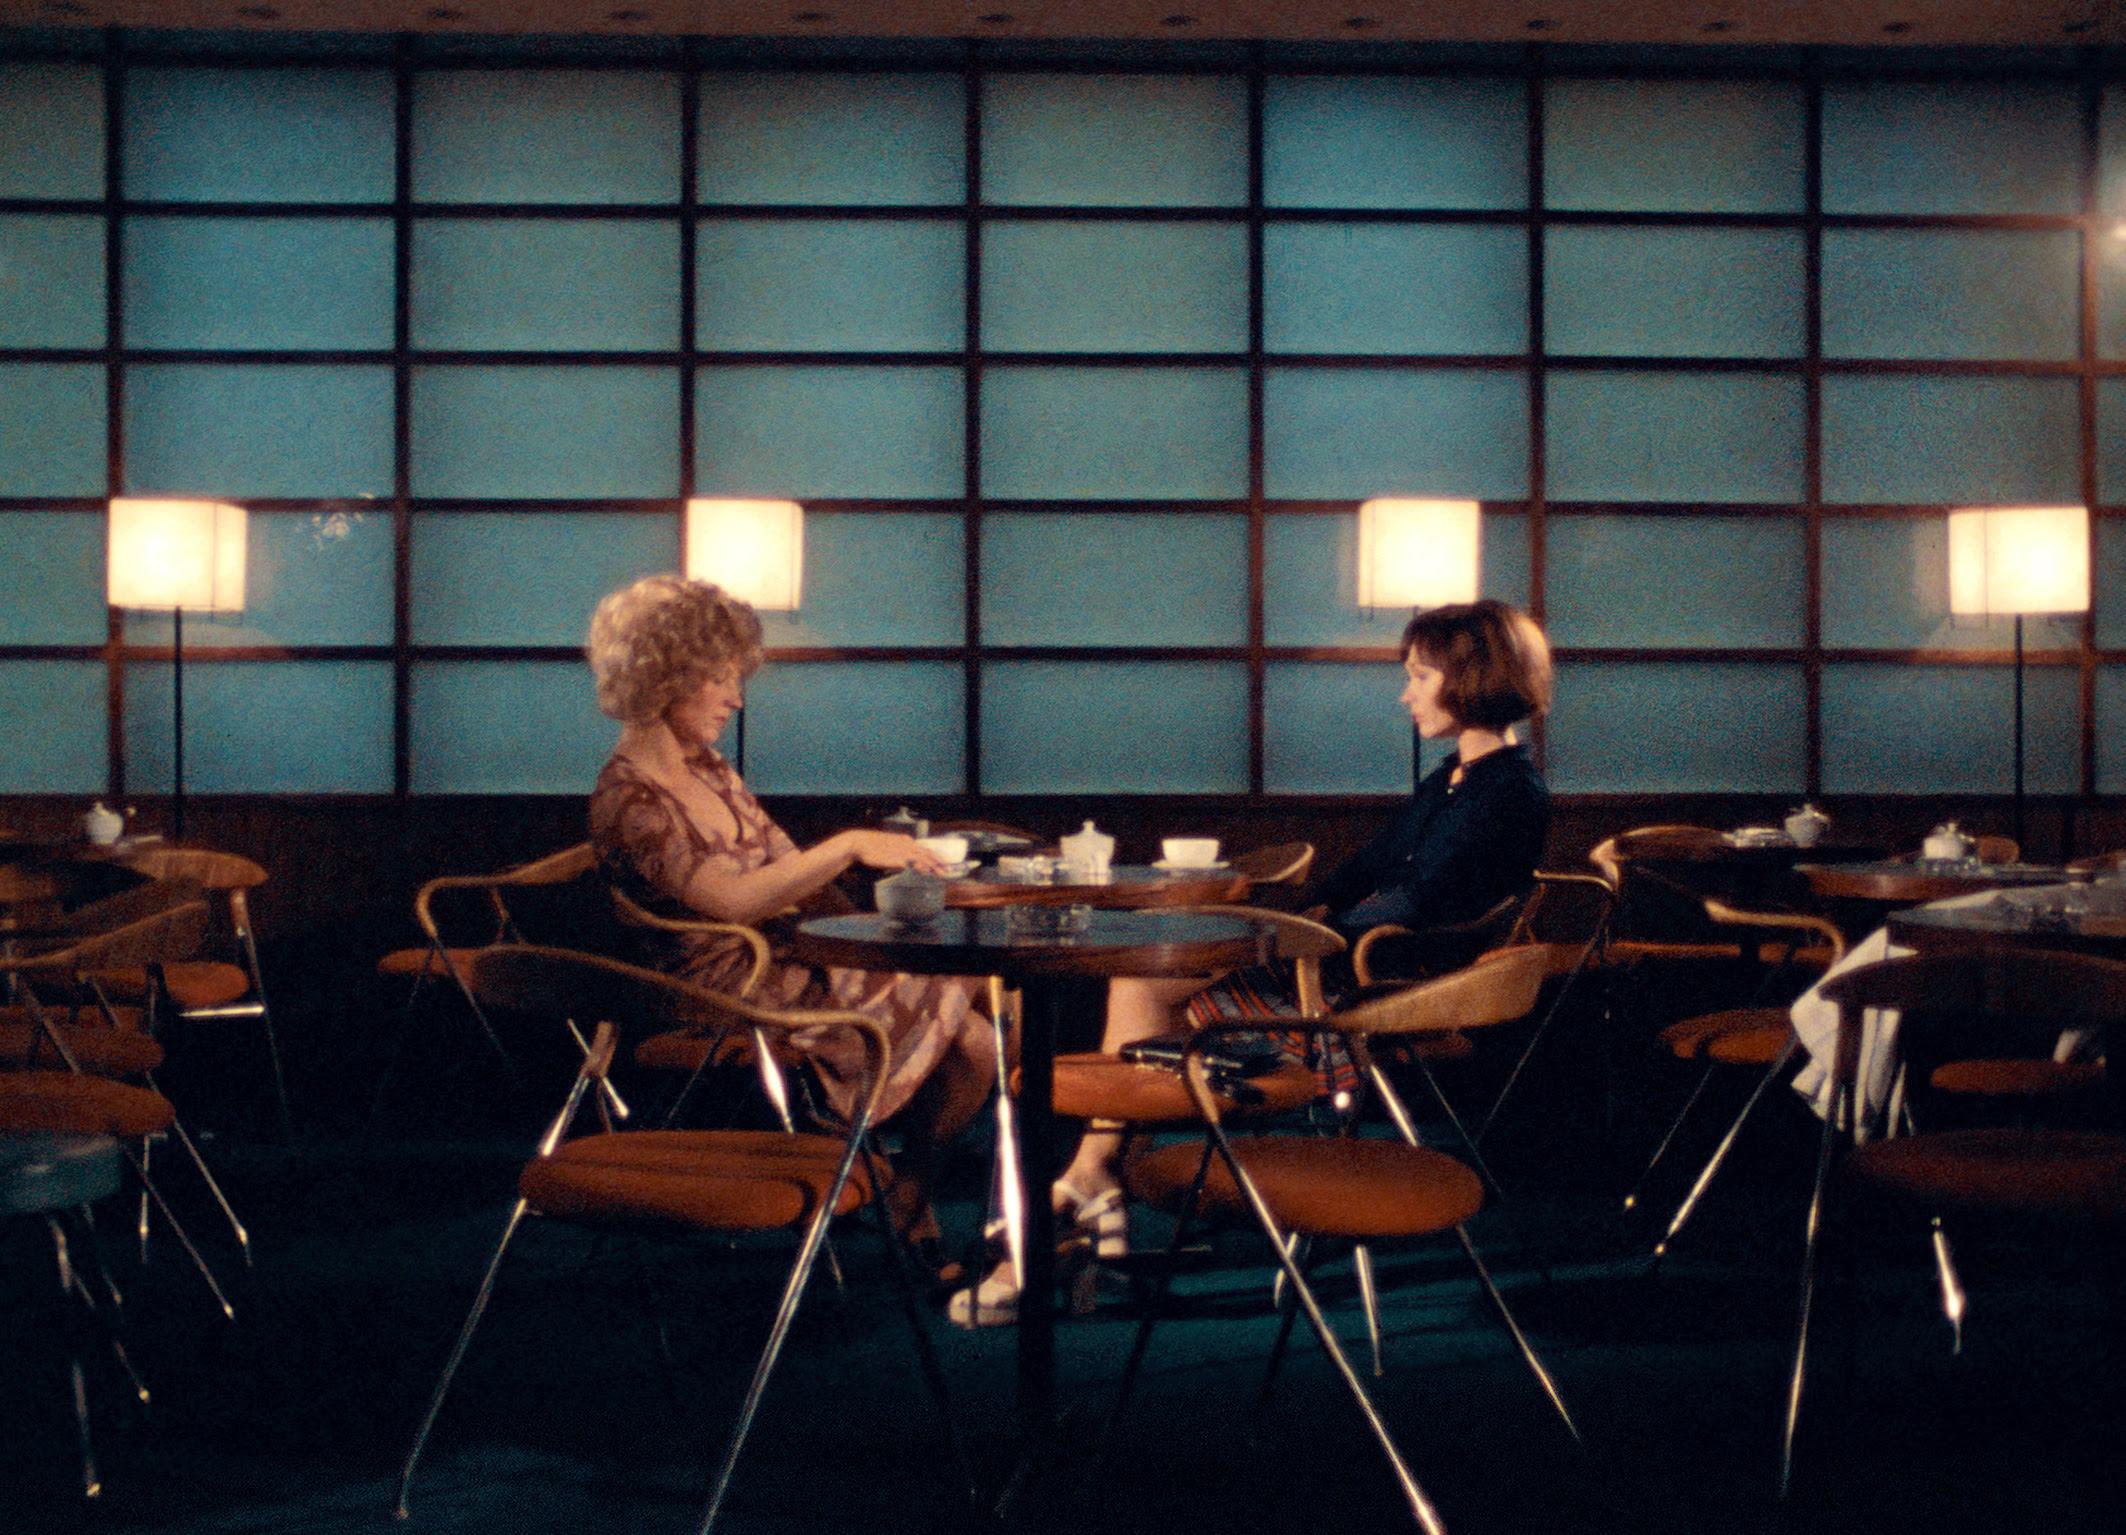 Series: crítica de «Ocho horas no hacen un día», de Rainer Werner Fassbinder